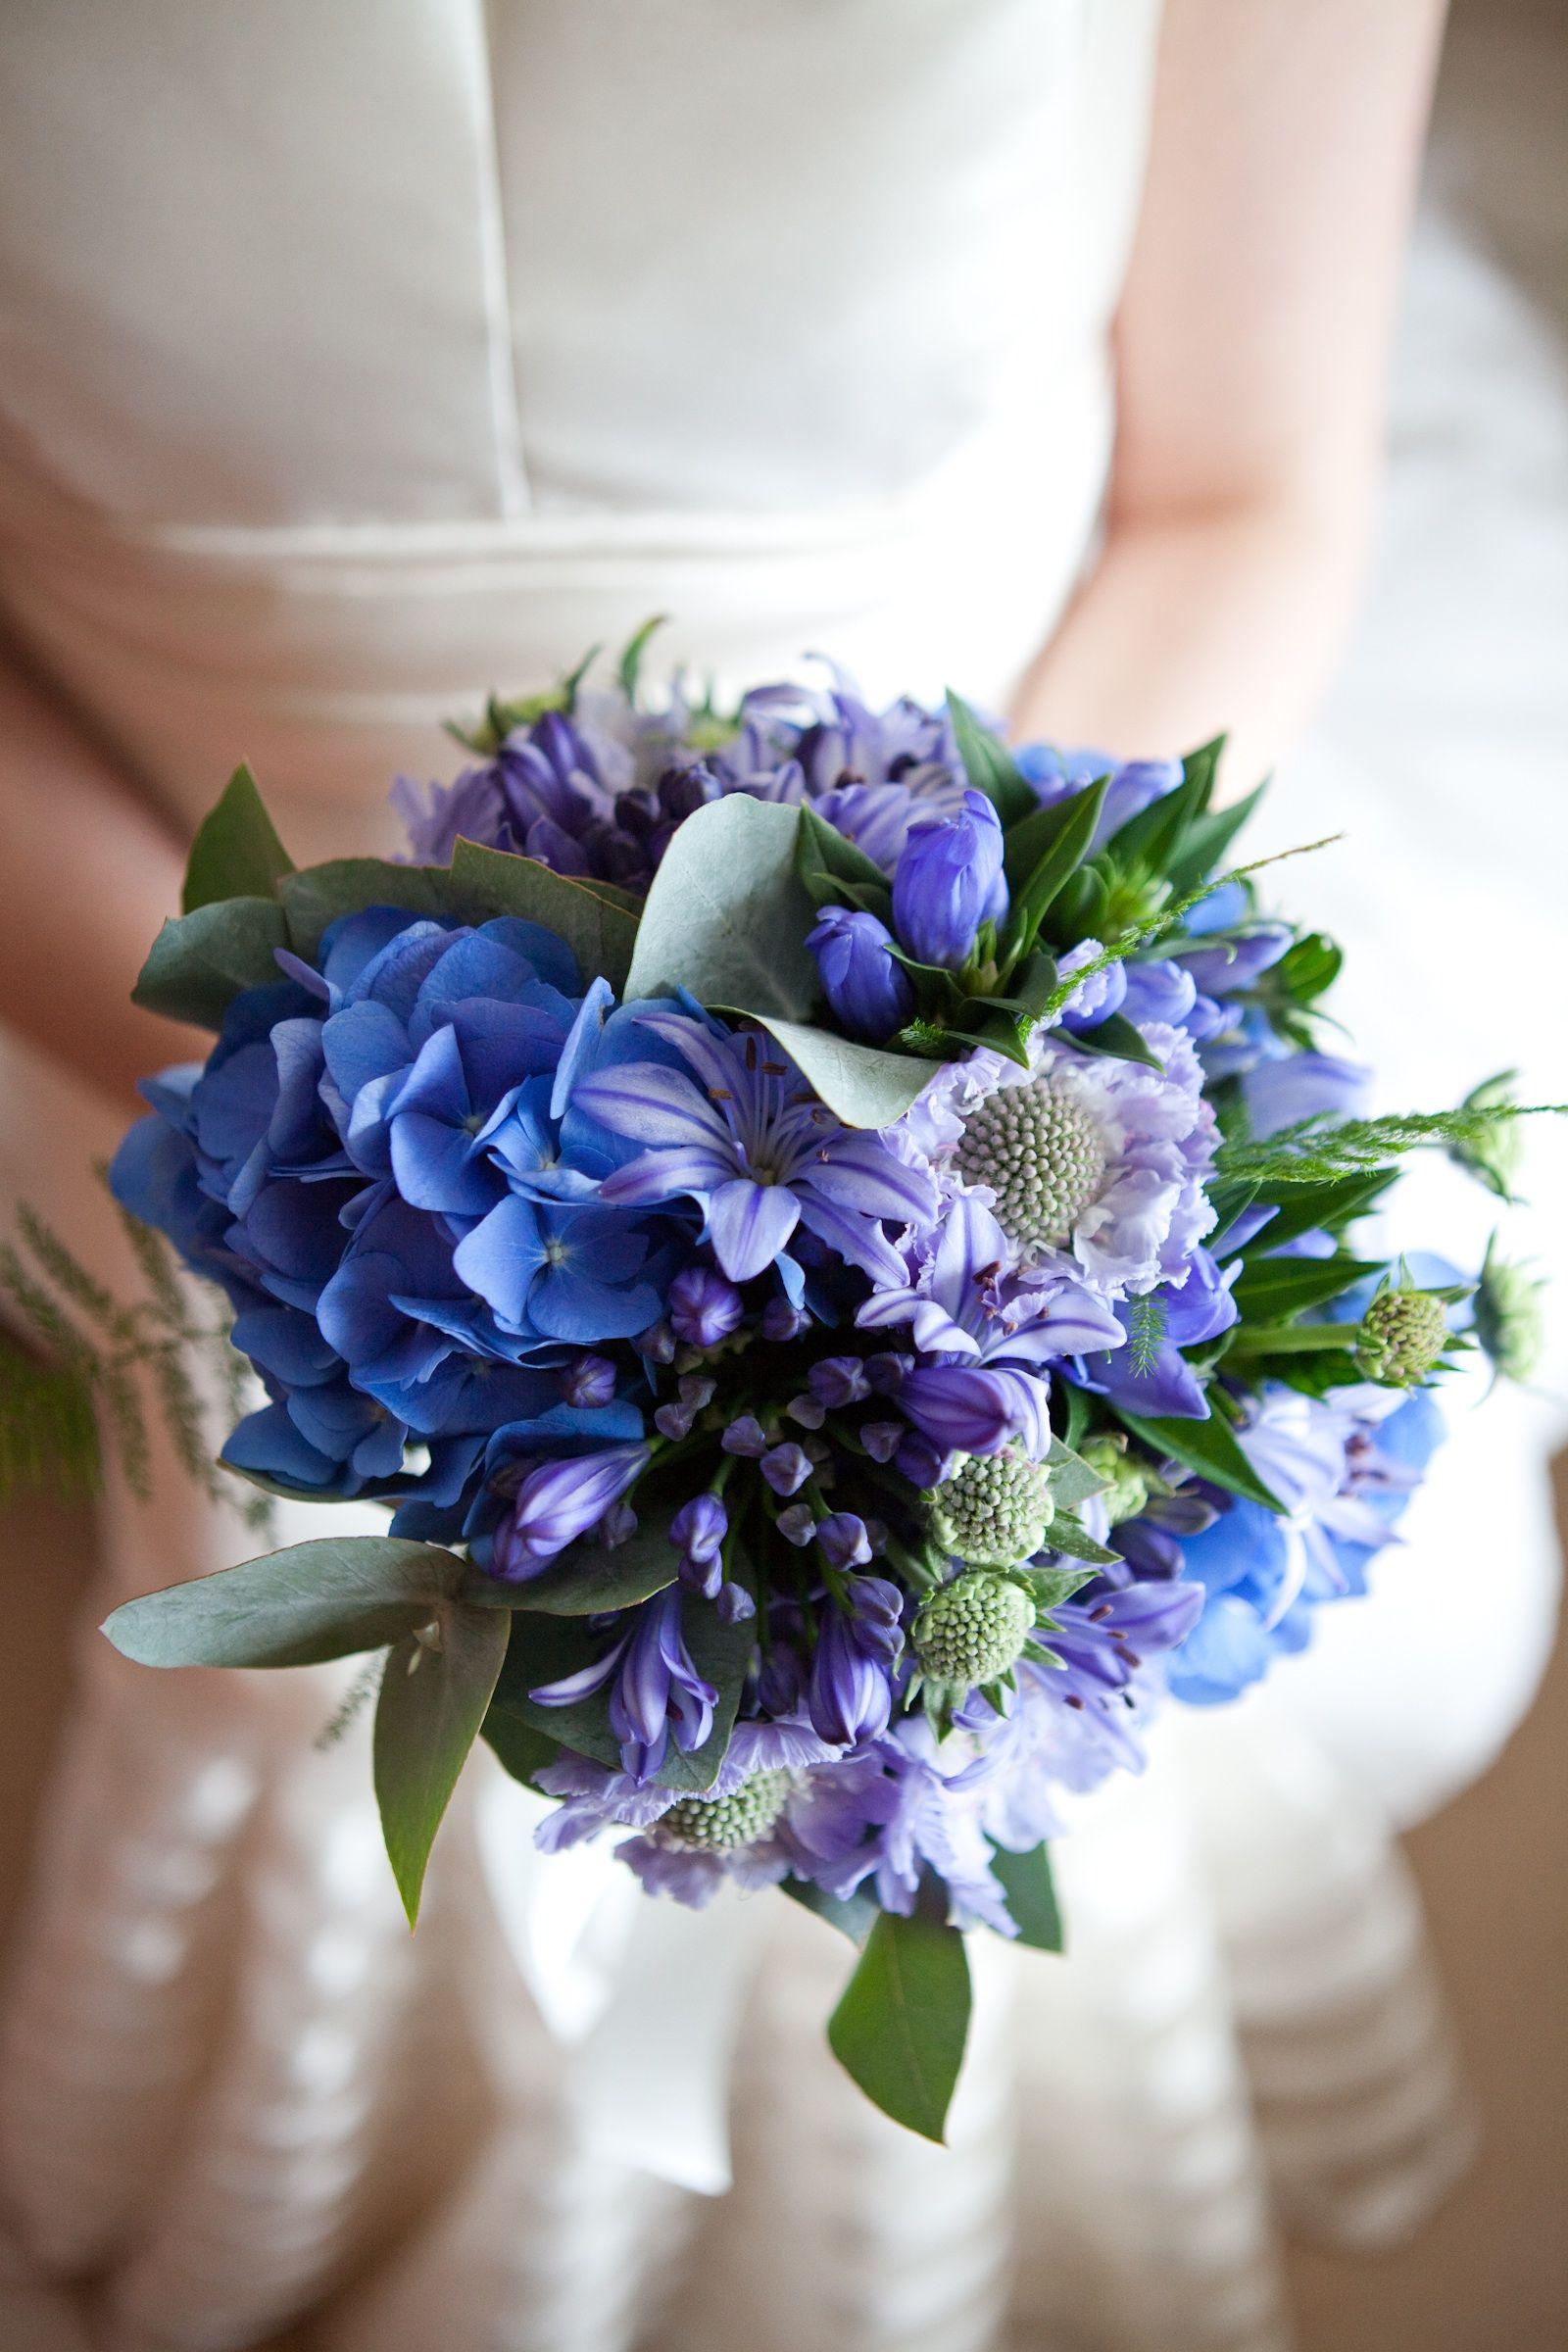 Silk blue wedding bouquets flowers wedding photos pictures by silk blue wedding bouquets flowers wedding photos pictures by weddingsofjoy izmirmasajfo